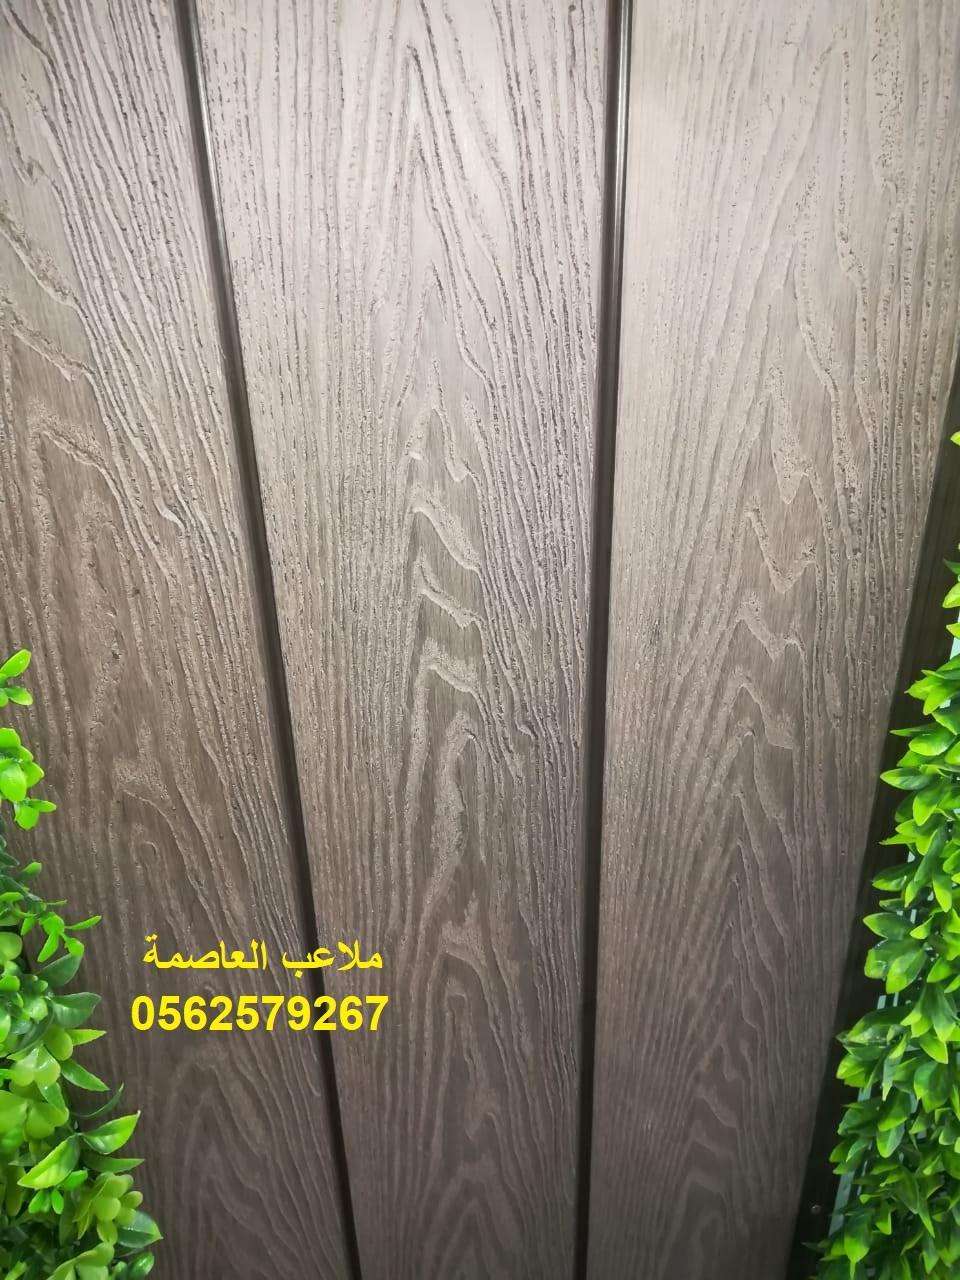 ديكورات عشب صناعي مؤسسه ملاعب العاصمة عشب جداري ديكورات حجريه 0562579267 488604947